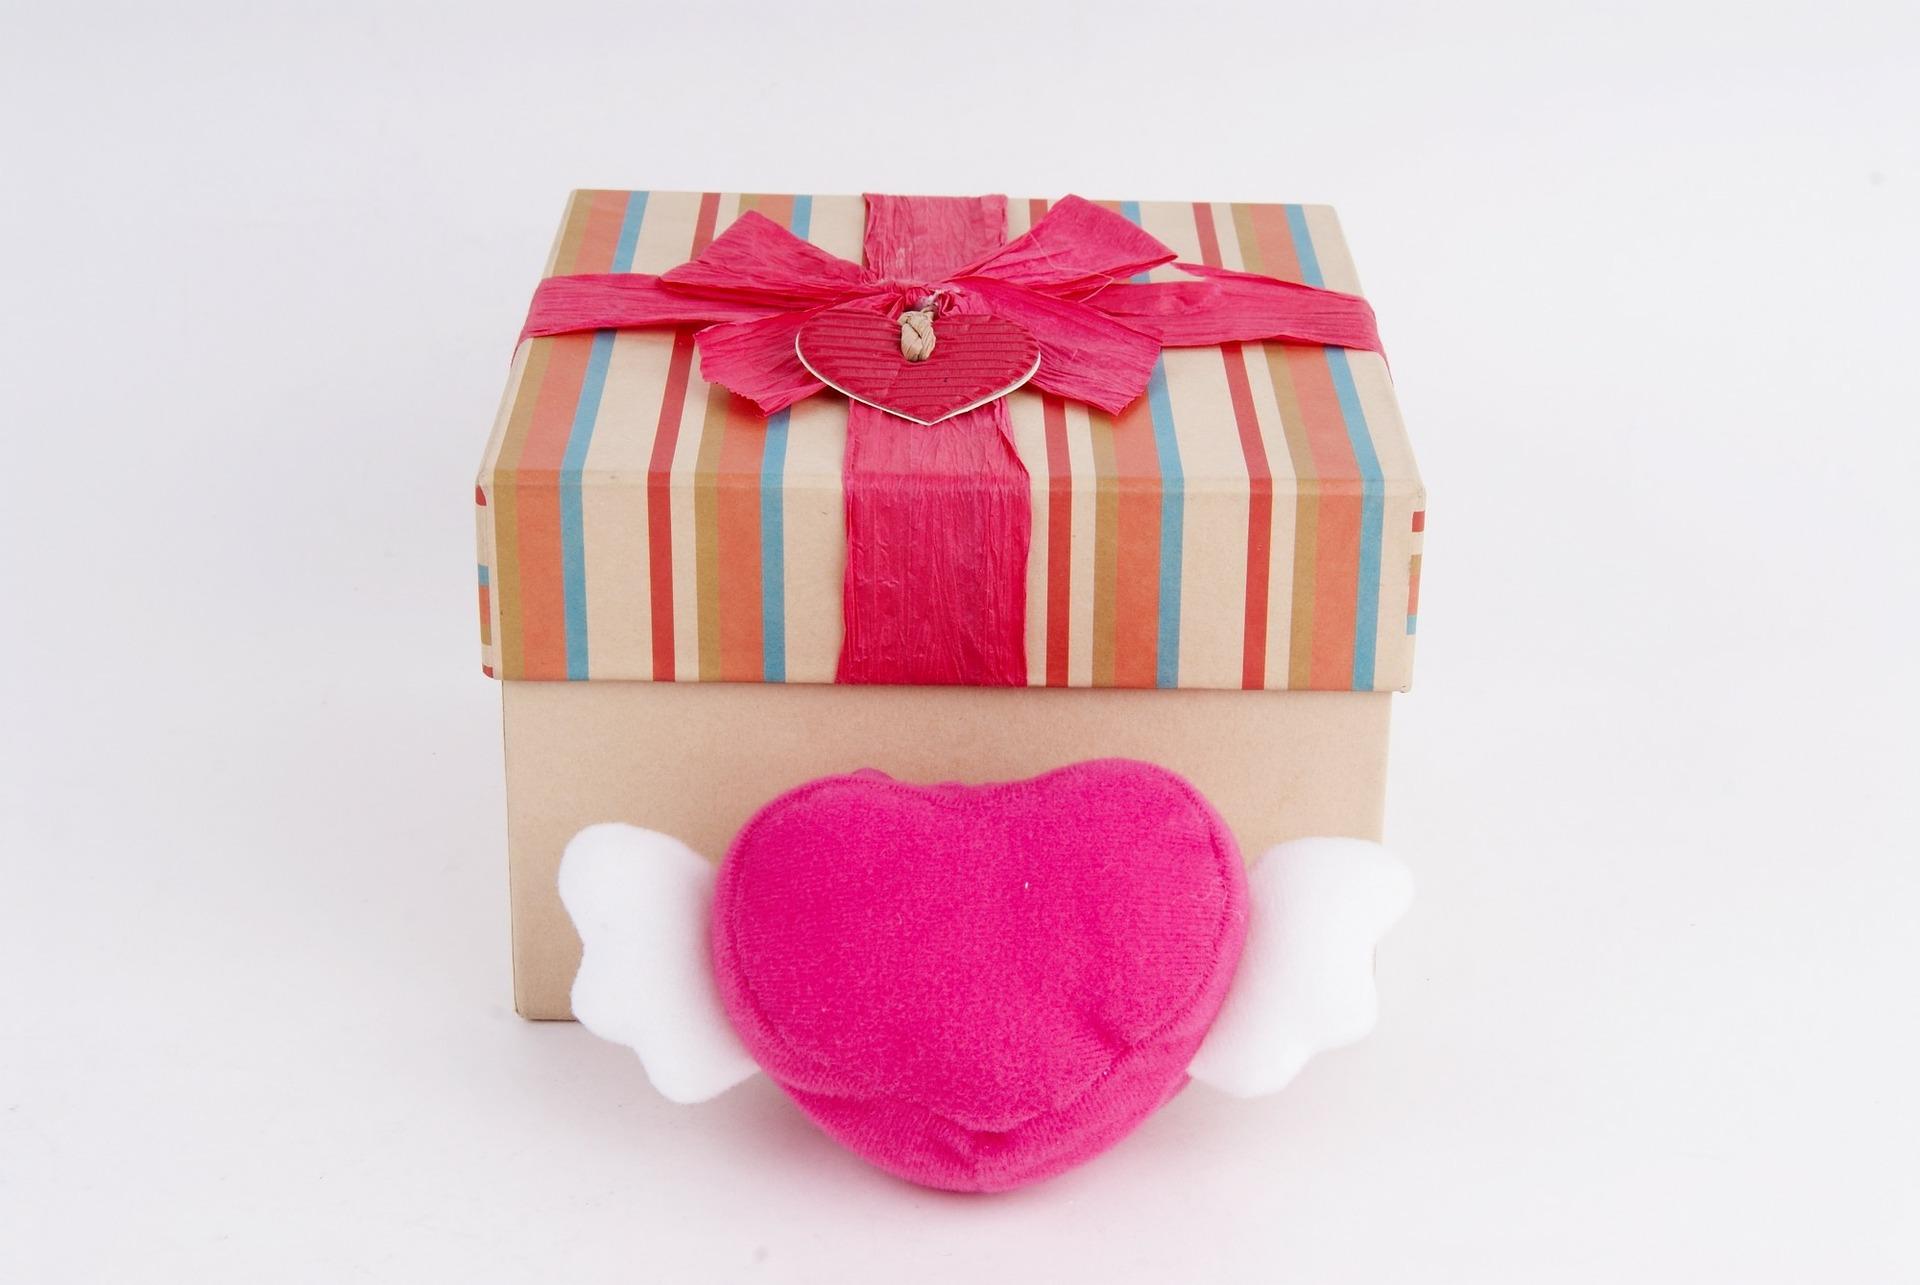 איך לבחור מתנה לבני הזוג?